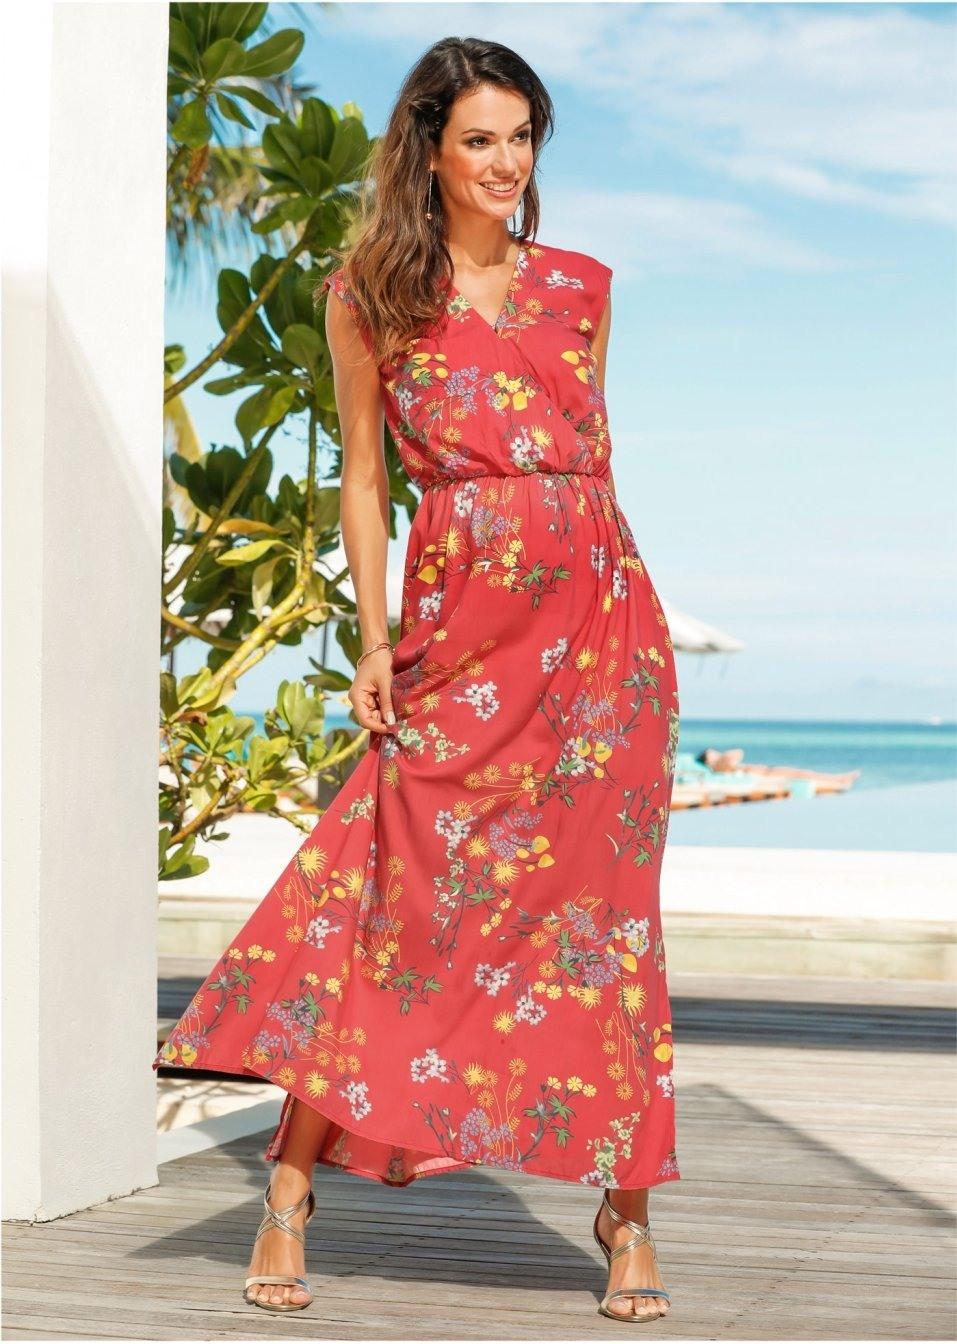 Formal Luxus Kleider Kleider für 201910 Wunderbar Kleider Kleider Design